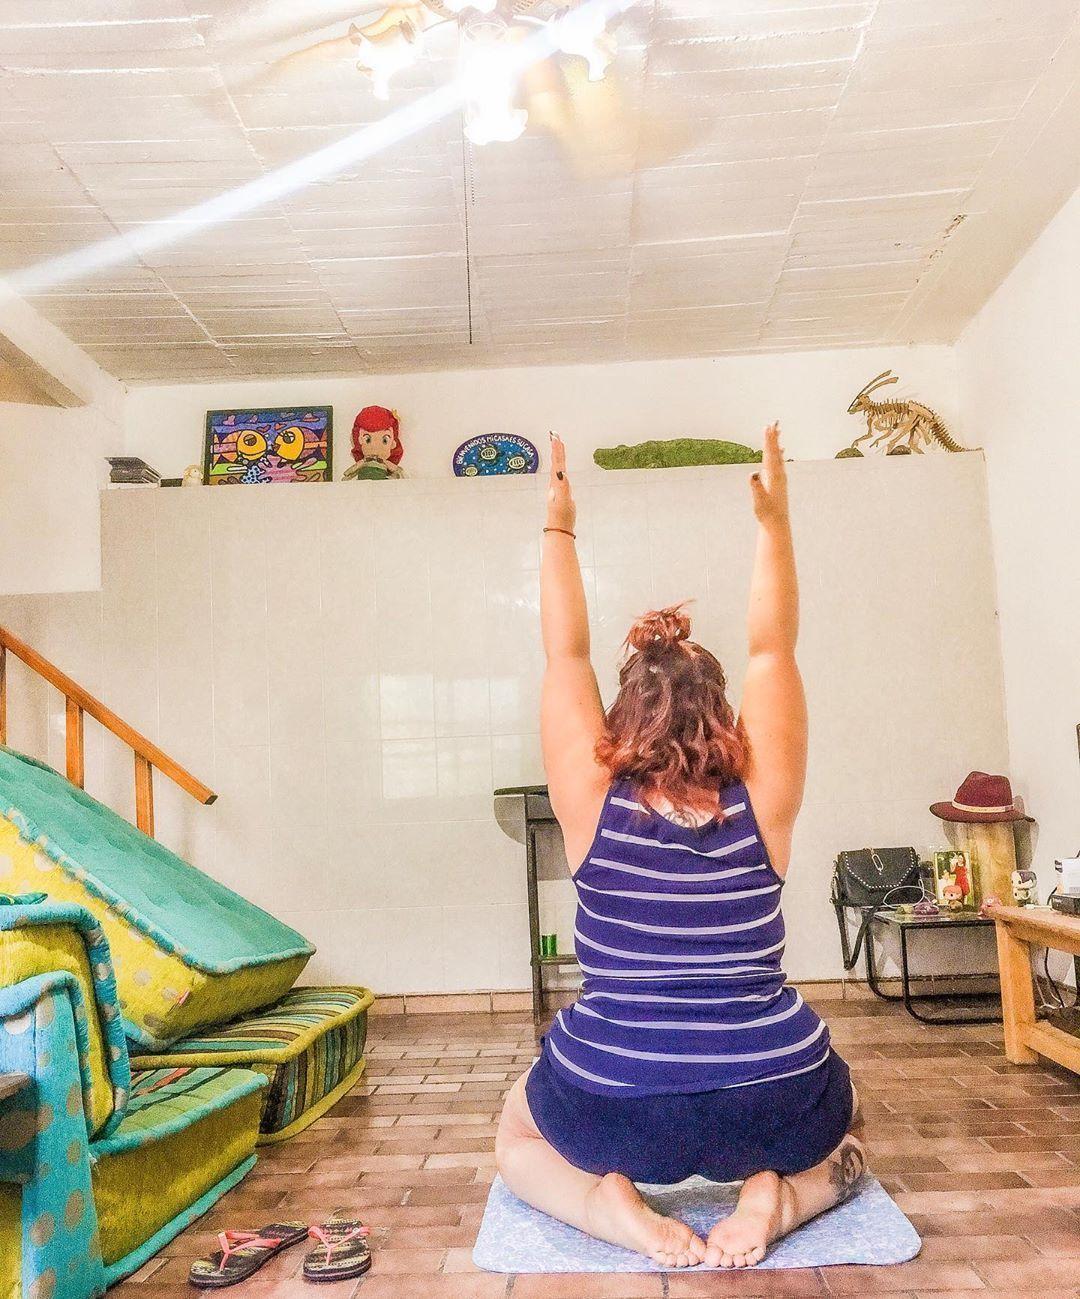 Meditation and yoga session in celebration for #MABON  Meditation and yoga session in celebration for #MABON #maboncelebration Meditation and yoga session in celebration for #MABON  Meditation and yoga session in celebration for #MABON #maboncelebration Meditation and yoga session in celebration for #MABON  Meditation and yoga session in celebration for #MABON #maboncelebration Meditation and yoga session in celebration for #MABON  Meditation and yoga session in celebration for #MABON #maboncele #maboncelebration